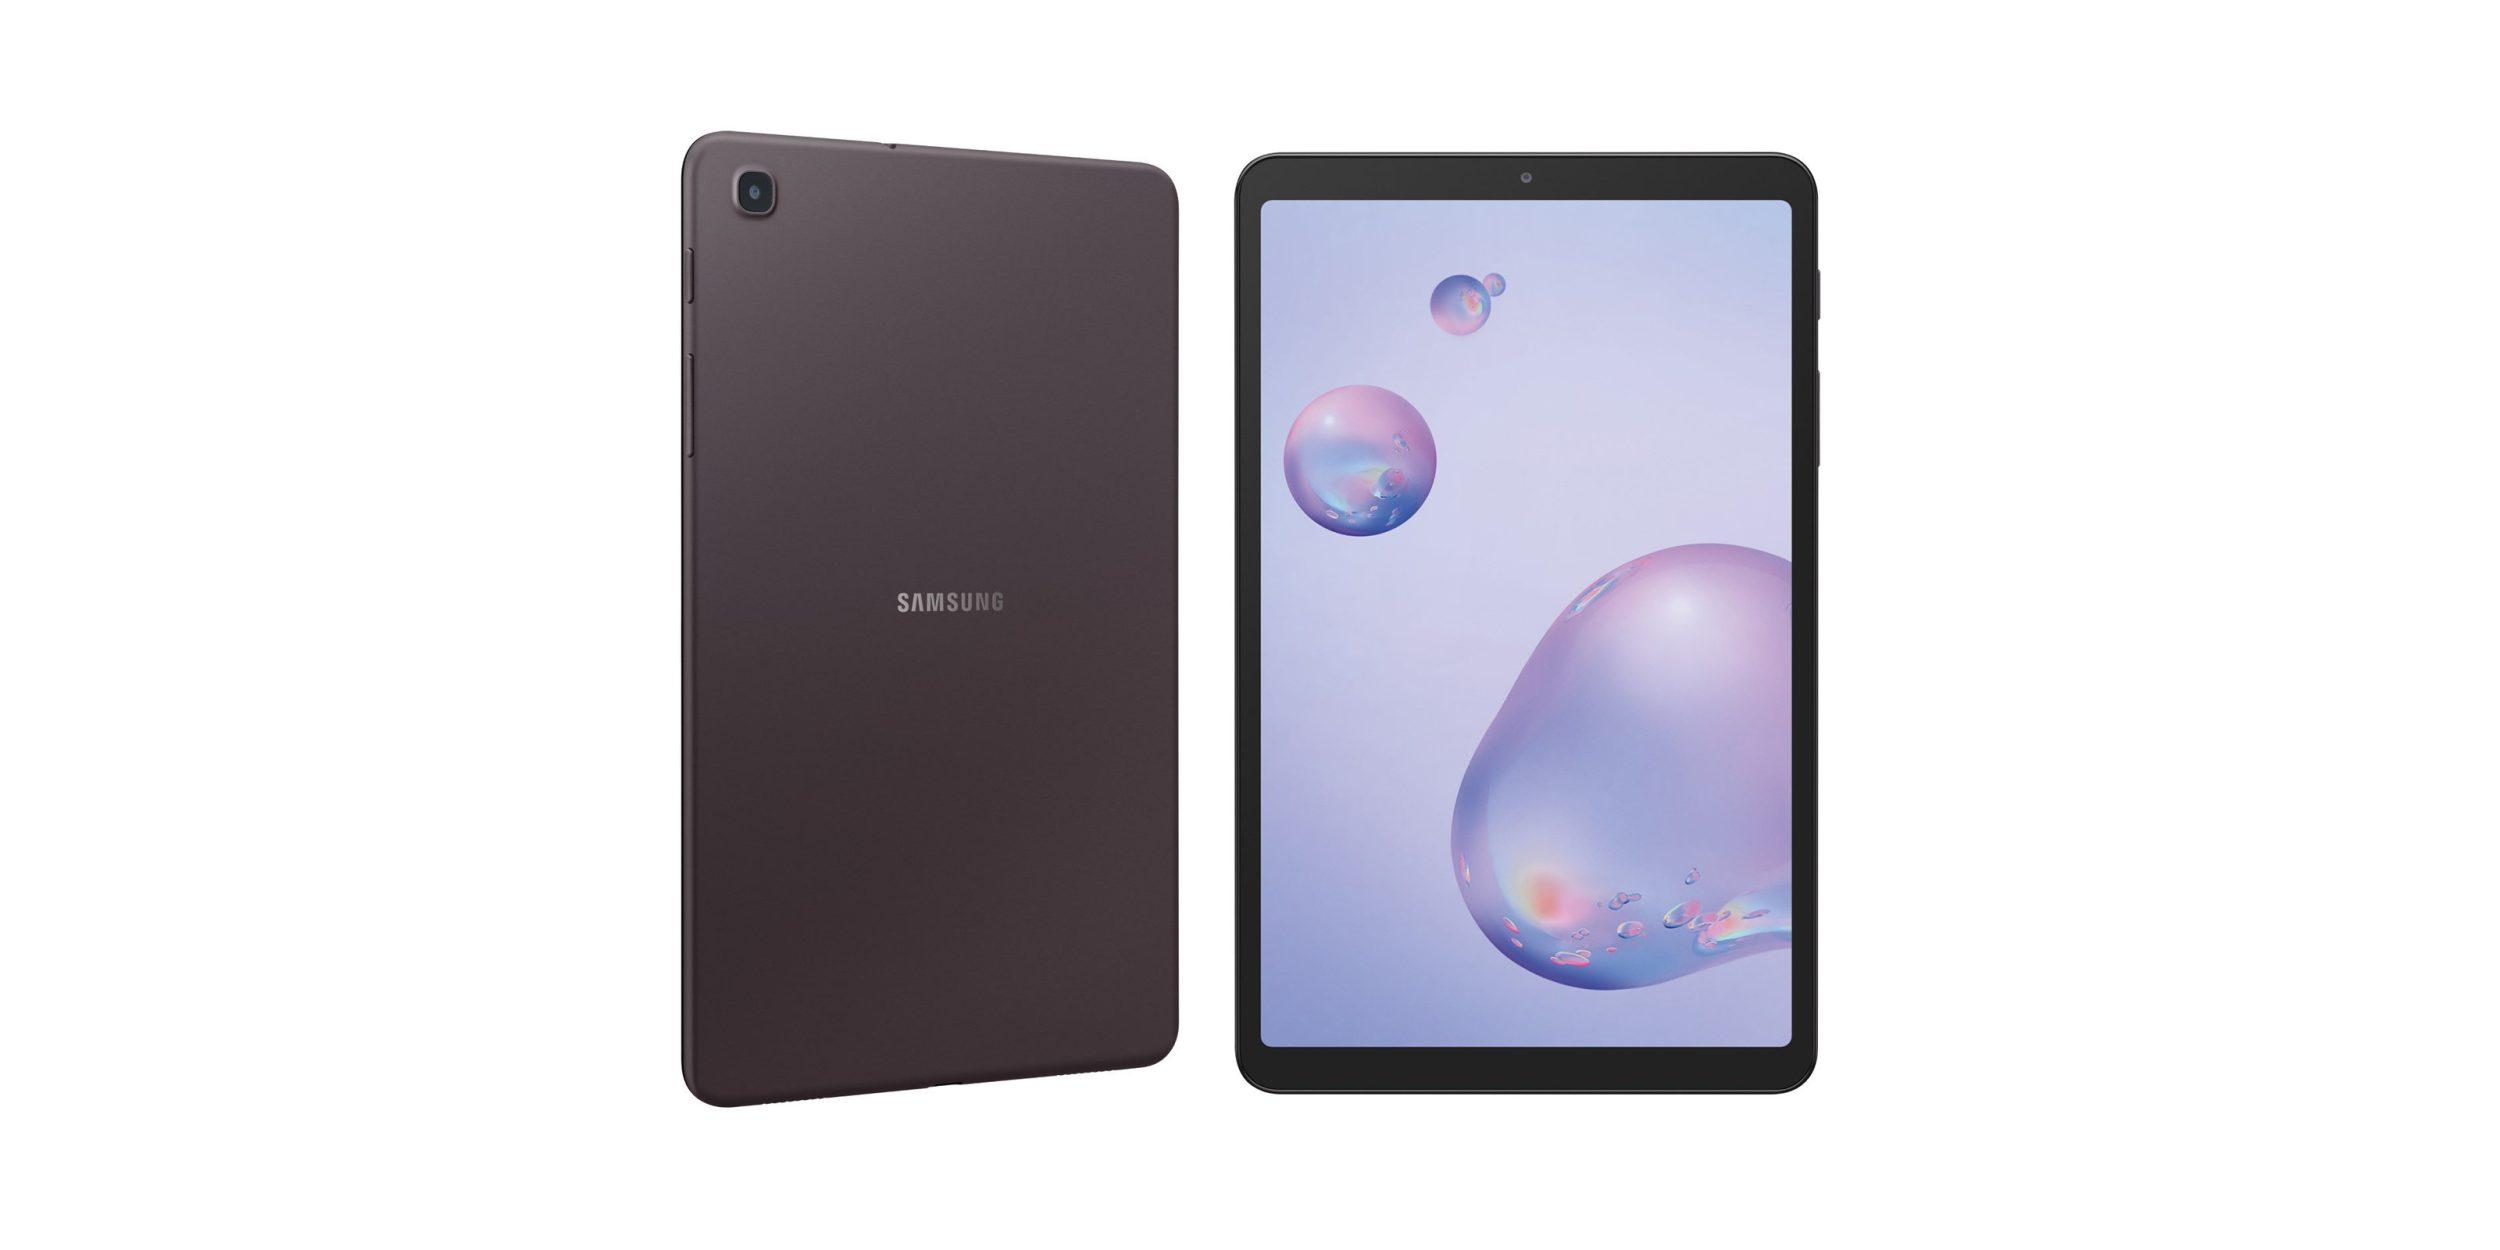 Galaxy Tab A 8.4 přichází s perfektní baterií, USB-C a nízkou cenou